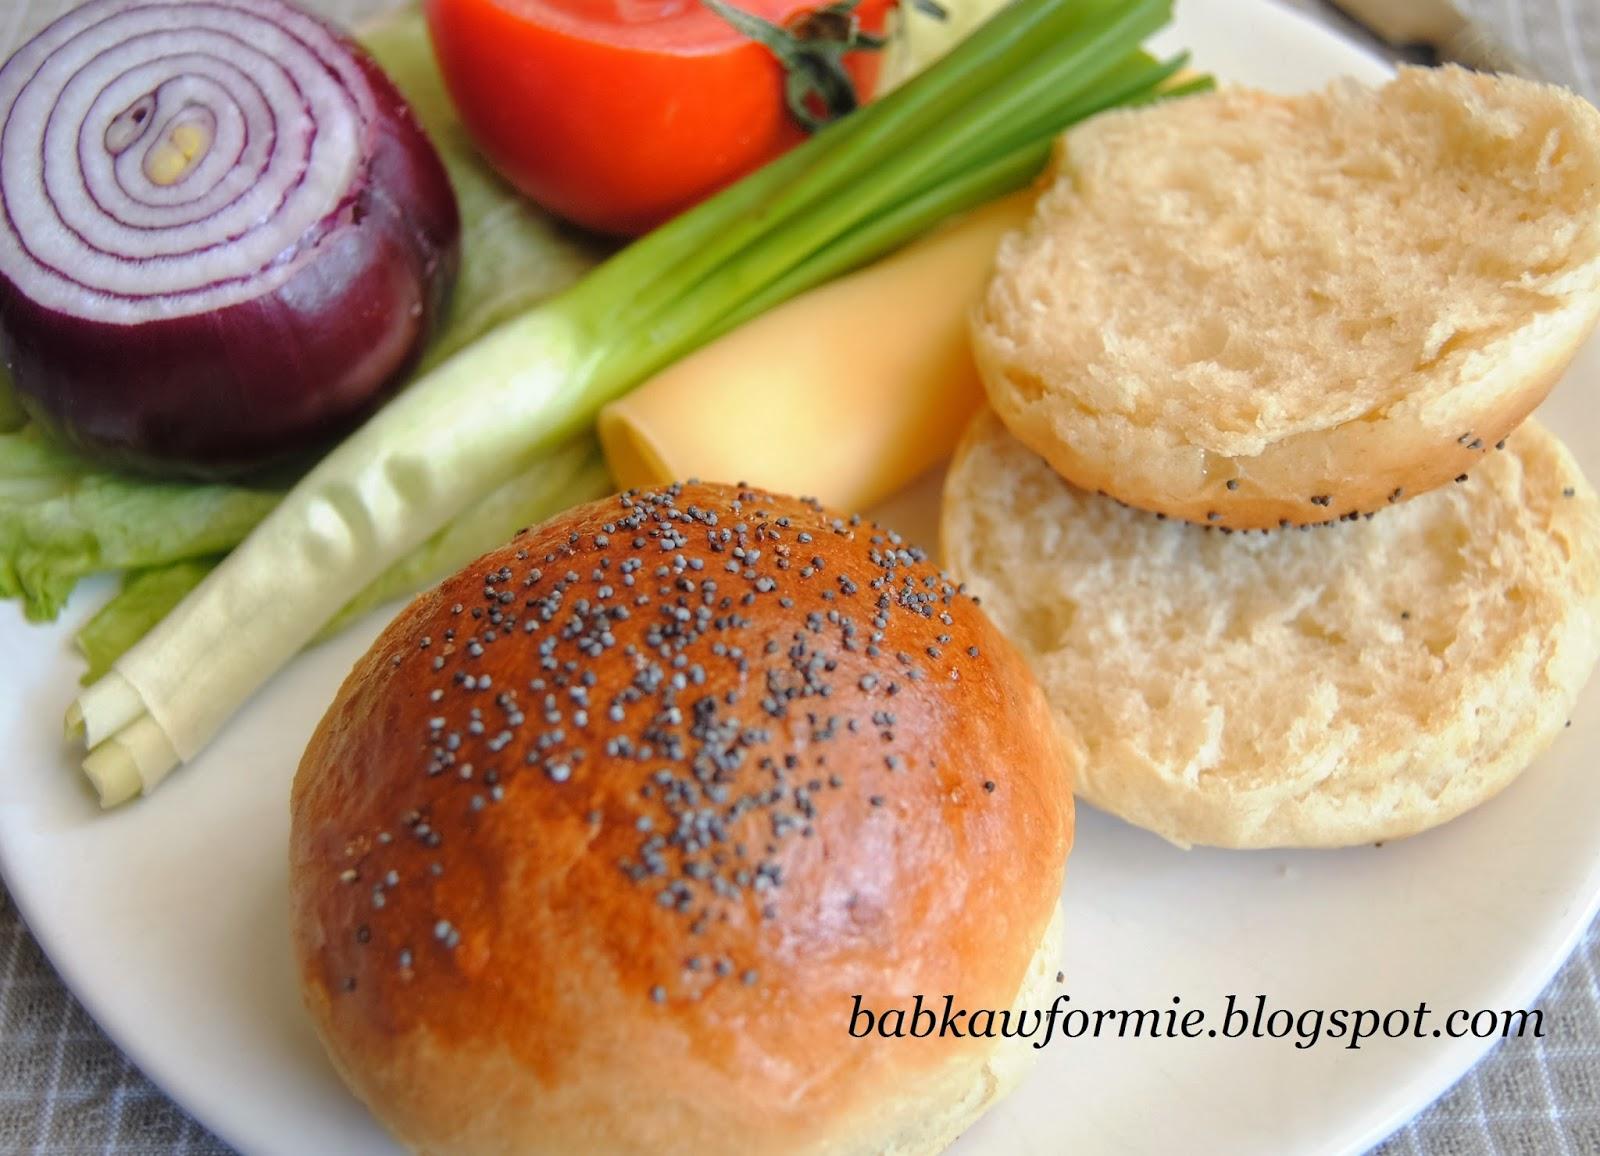 bułki mleczne maślane pszenne babkawformie.blogspot.com